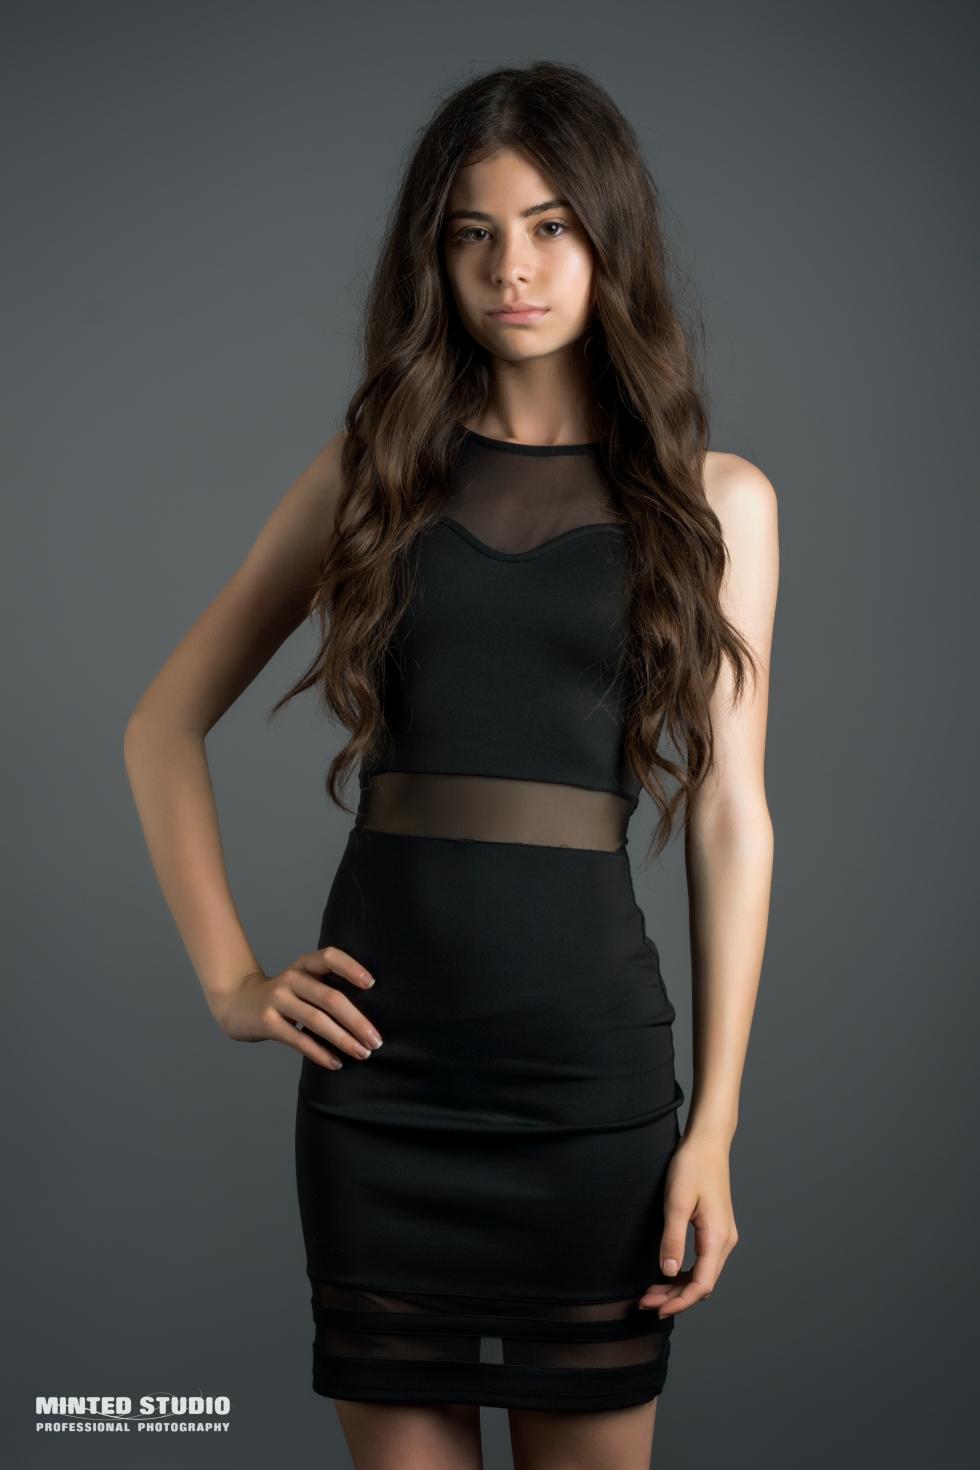 Izabela Model   Minted Models